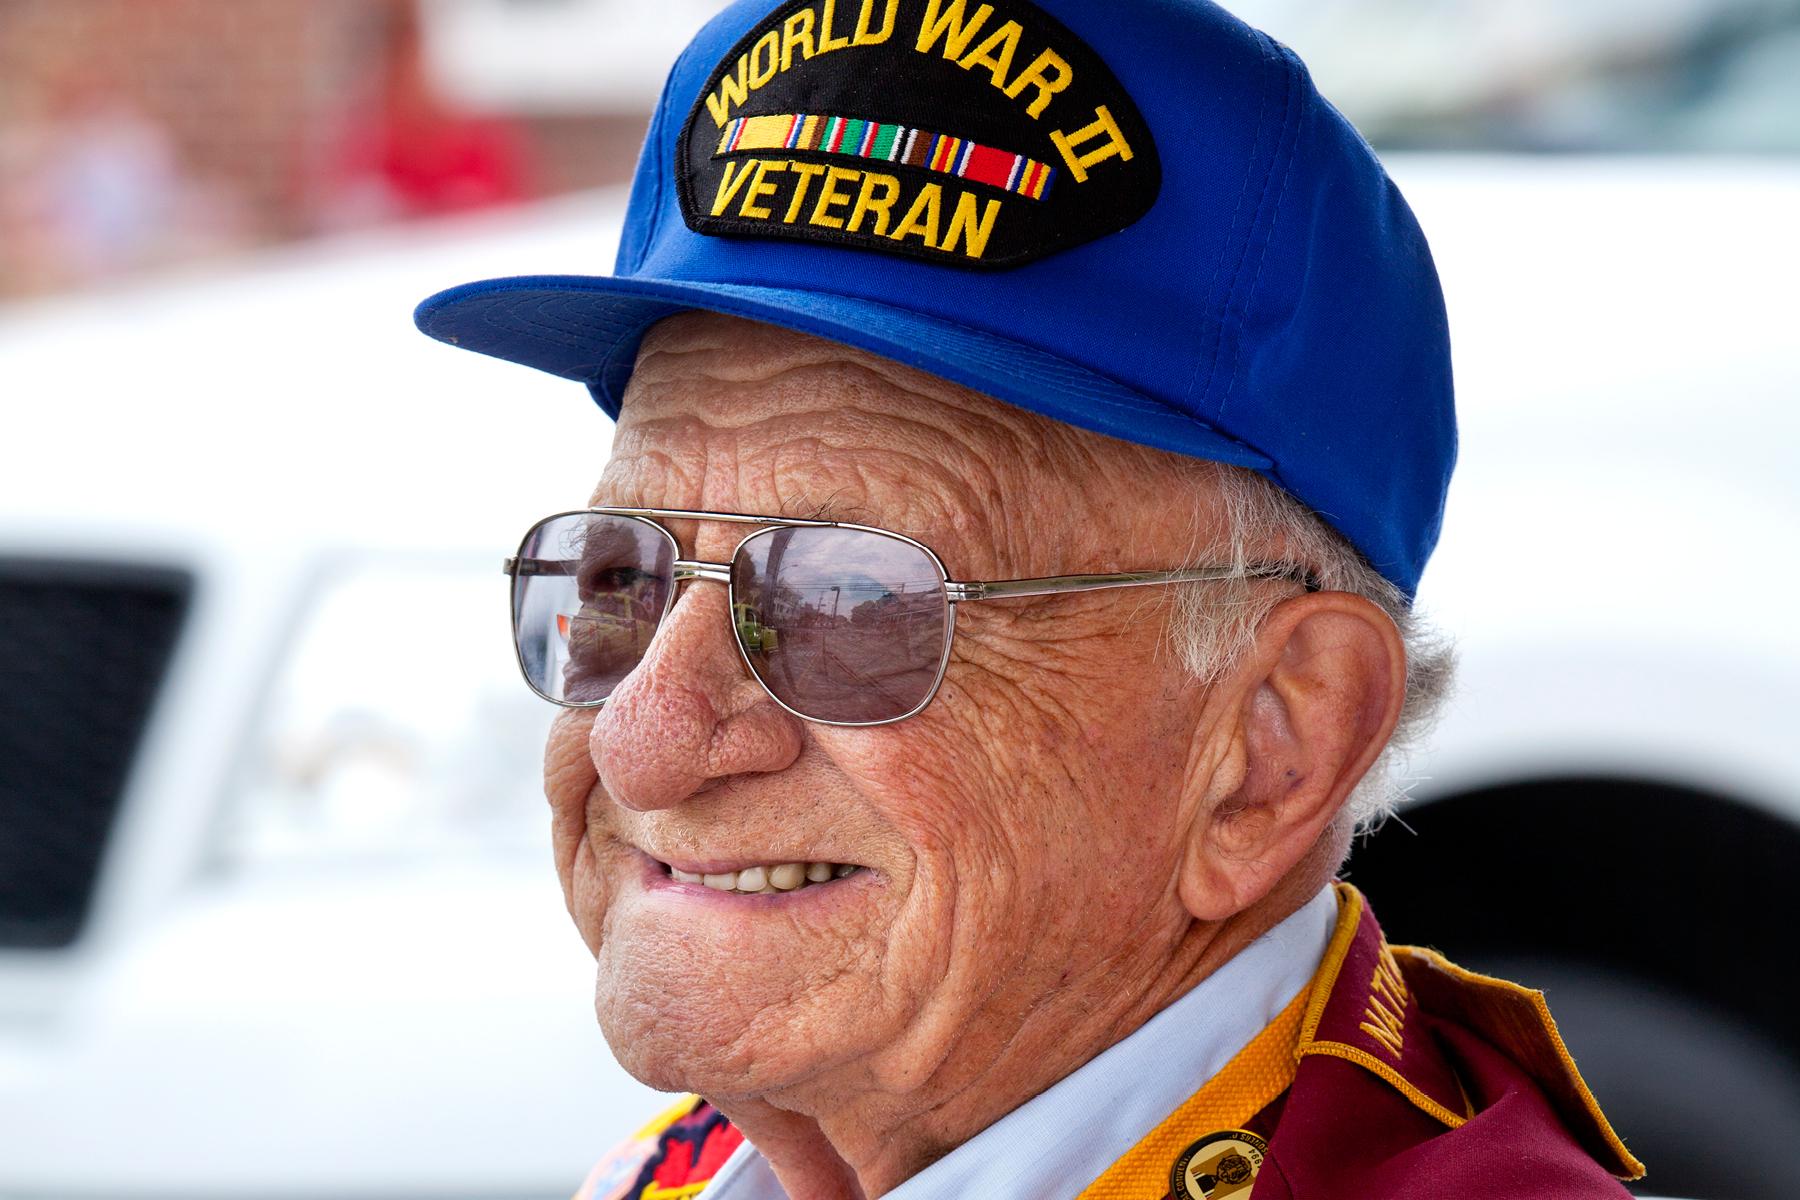 veteran resized for web.jpg